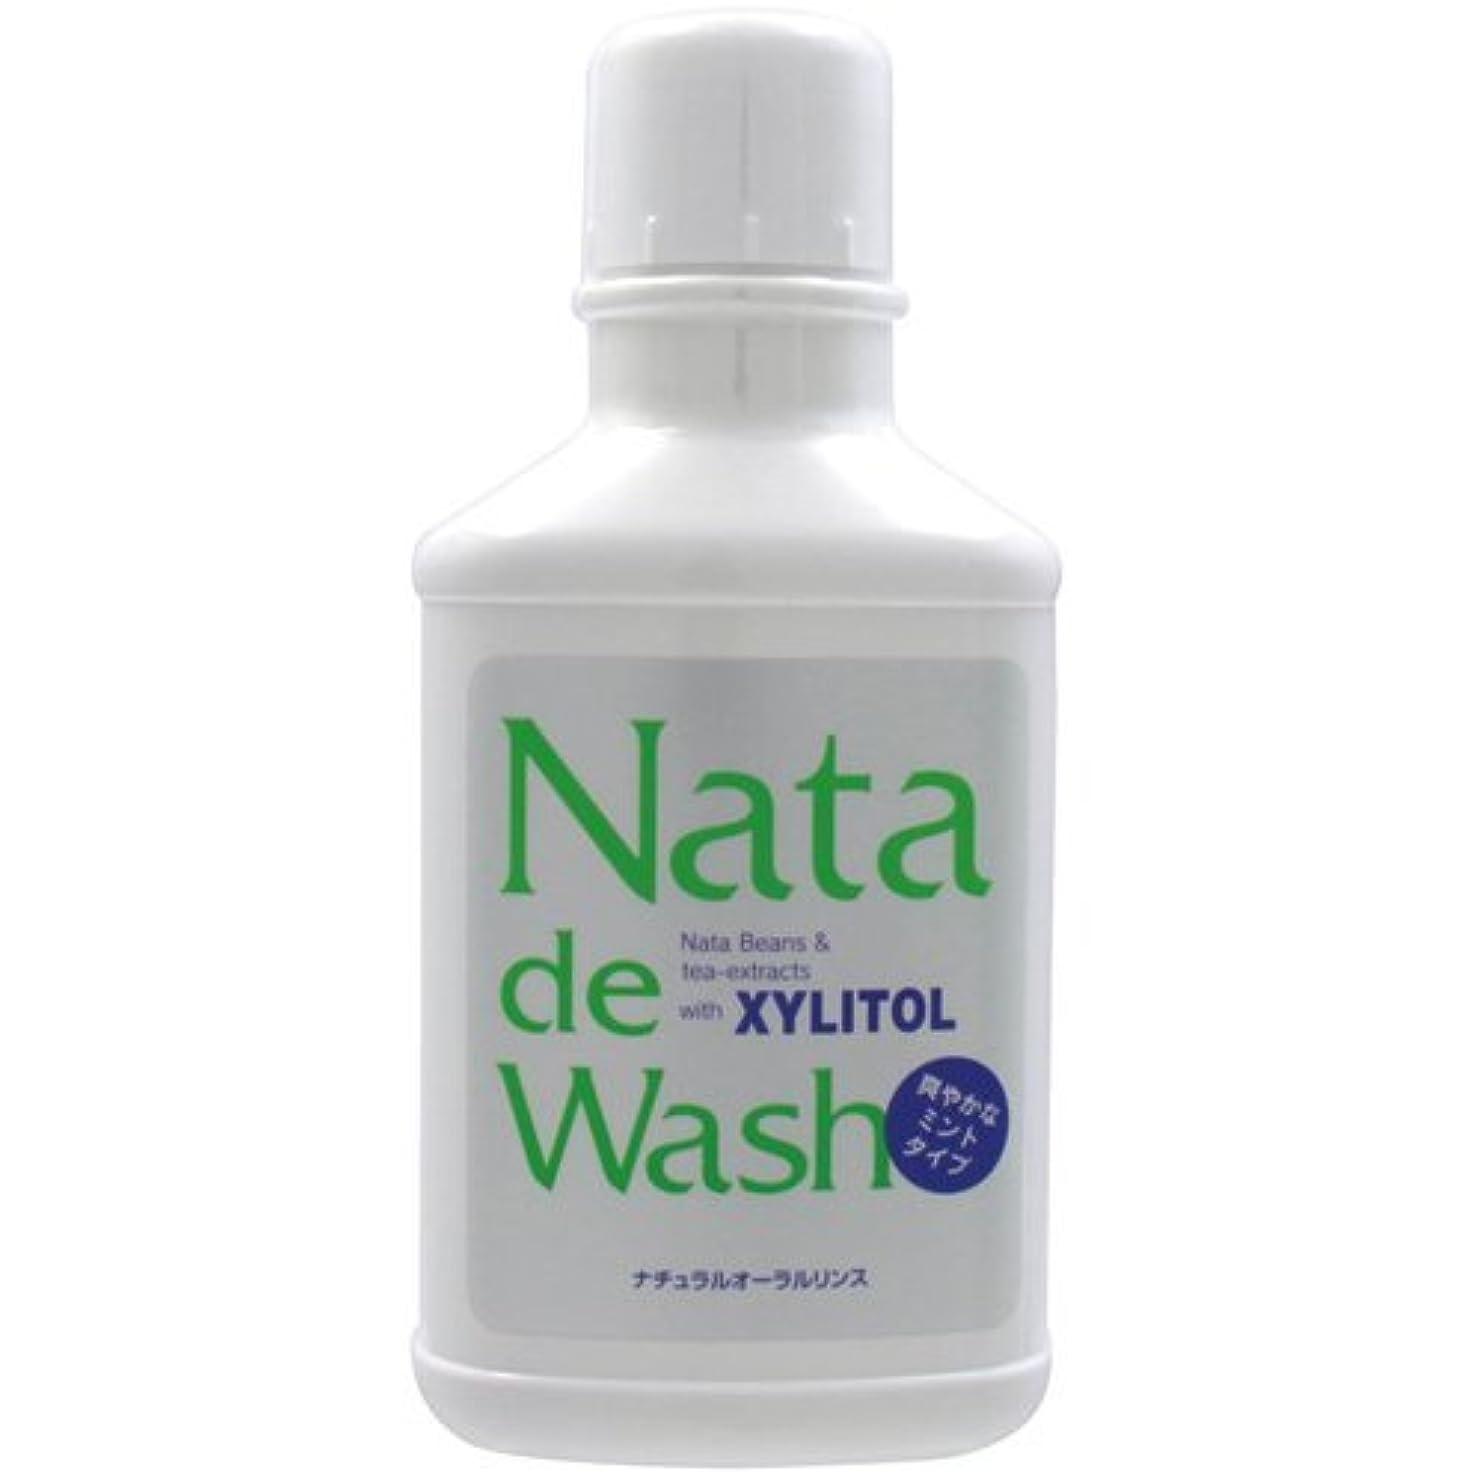 古風な宣伝適切なナタデウォッシュ 500ml 口臭予防 歯磨きの後にお勧め ナタデ ウォッシュ